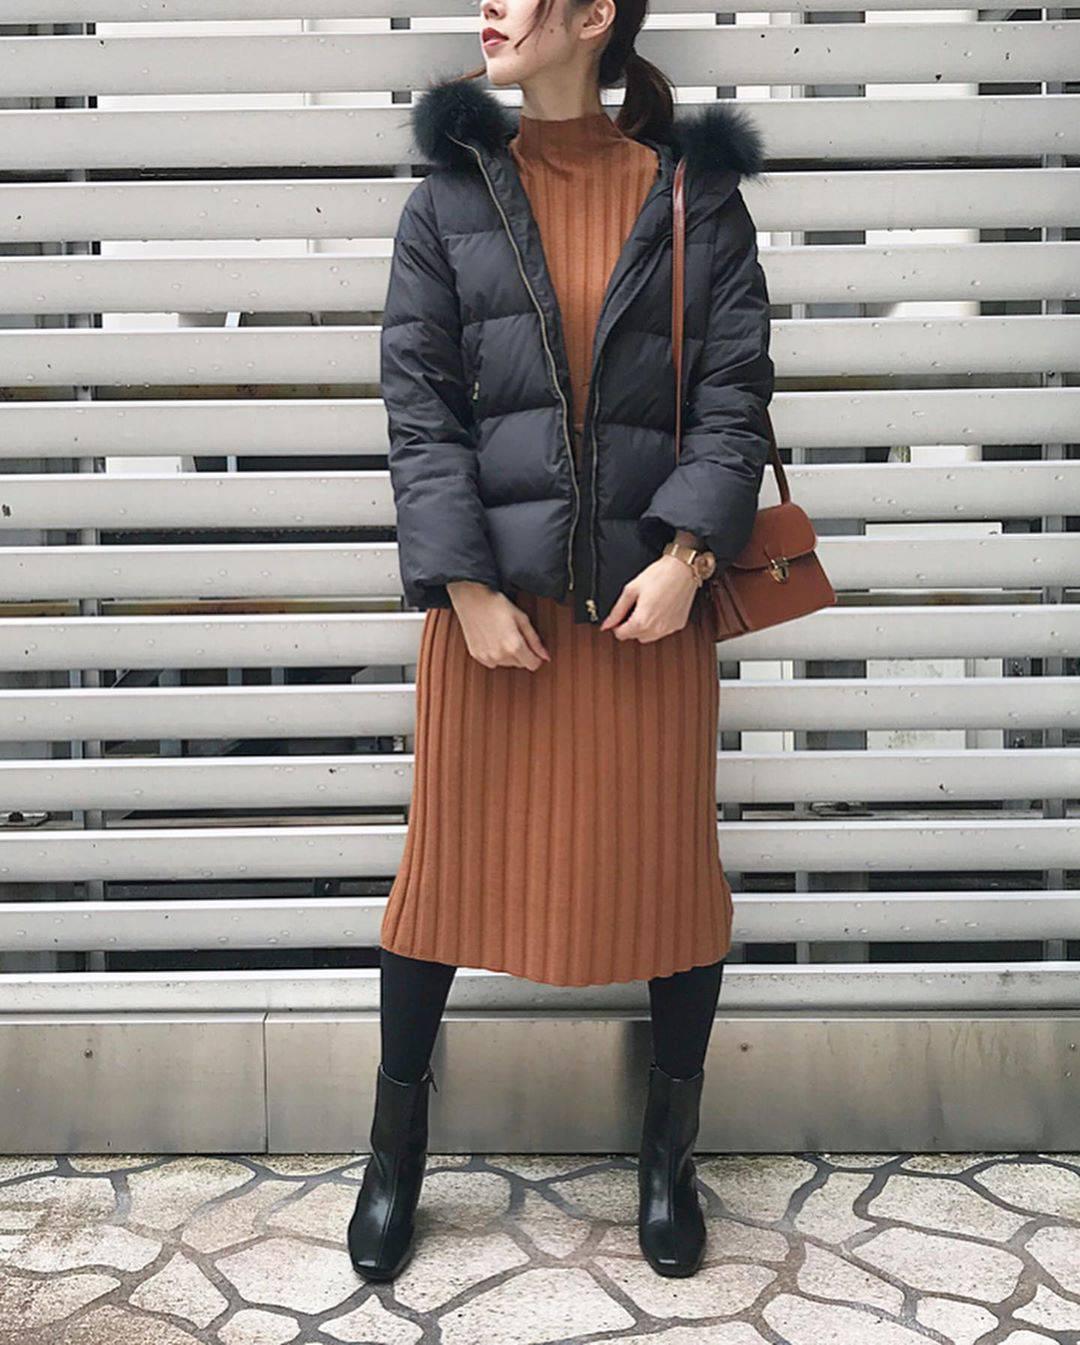 最高気温10度・最低気温7度 hikari_k0122の服装